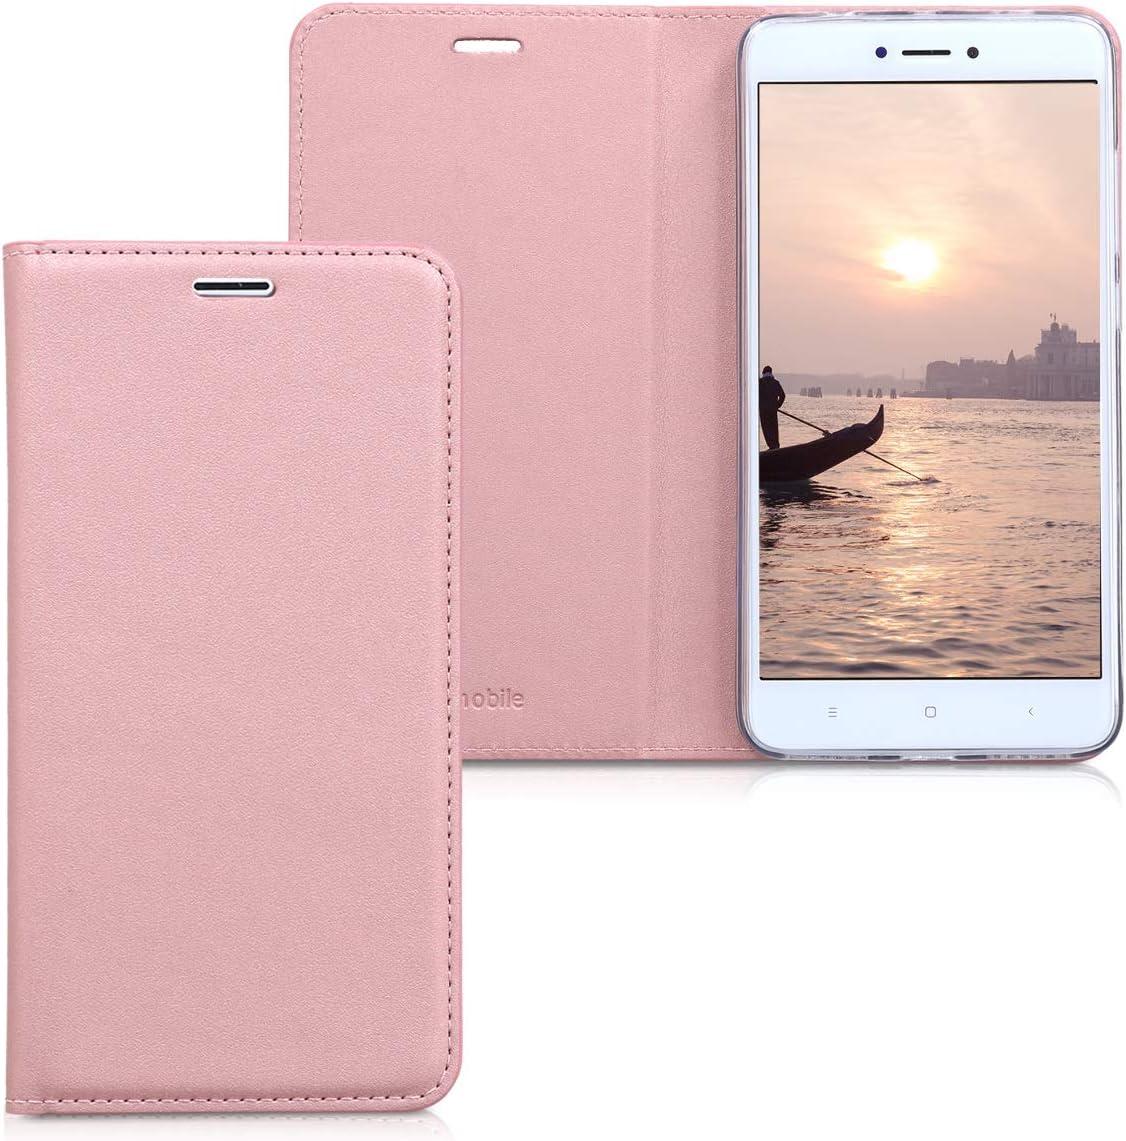 kwmobile Custodia per Xiaomi Redmi Note 4 - Cover a libro in simil pelle per cellulare - Flip case protettiva nero